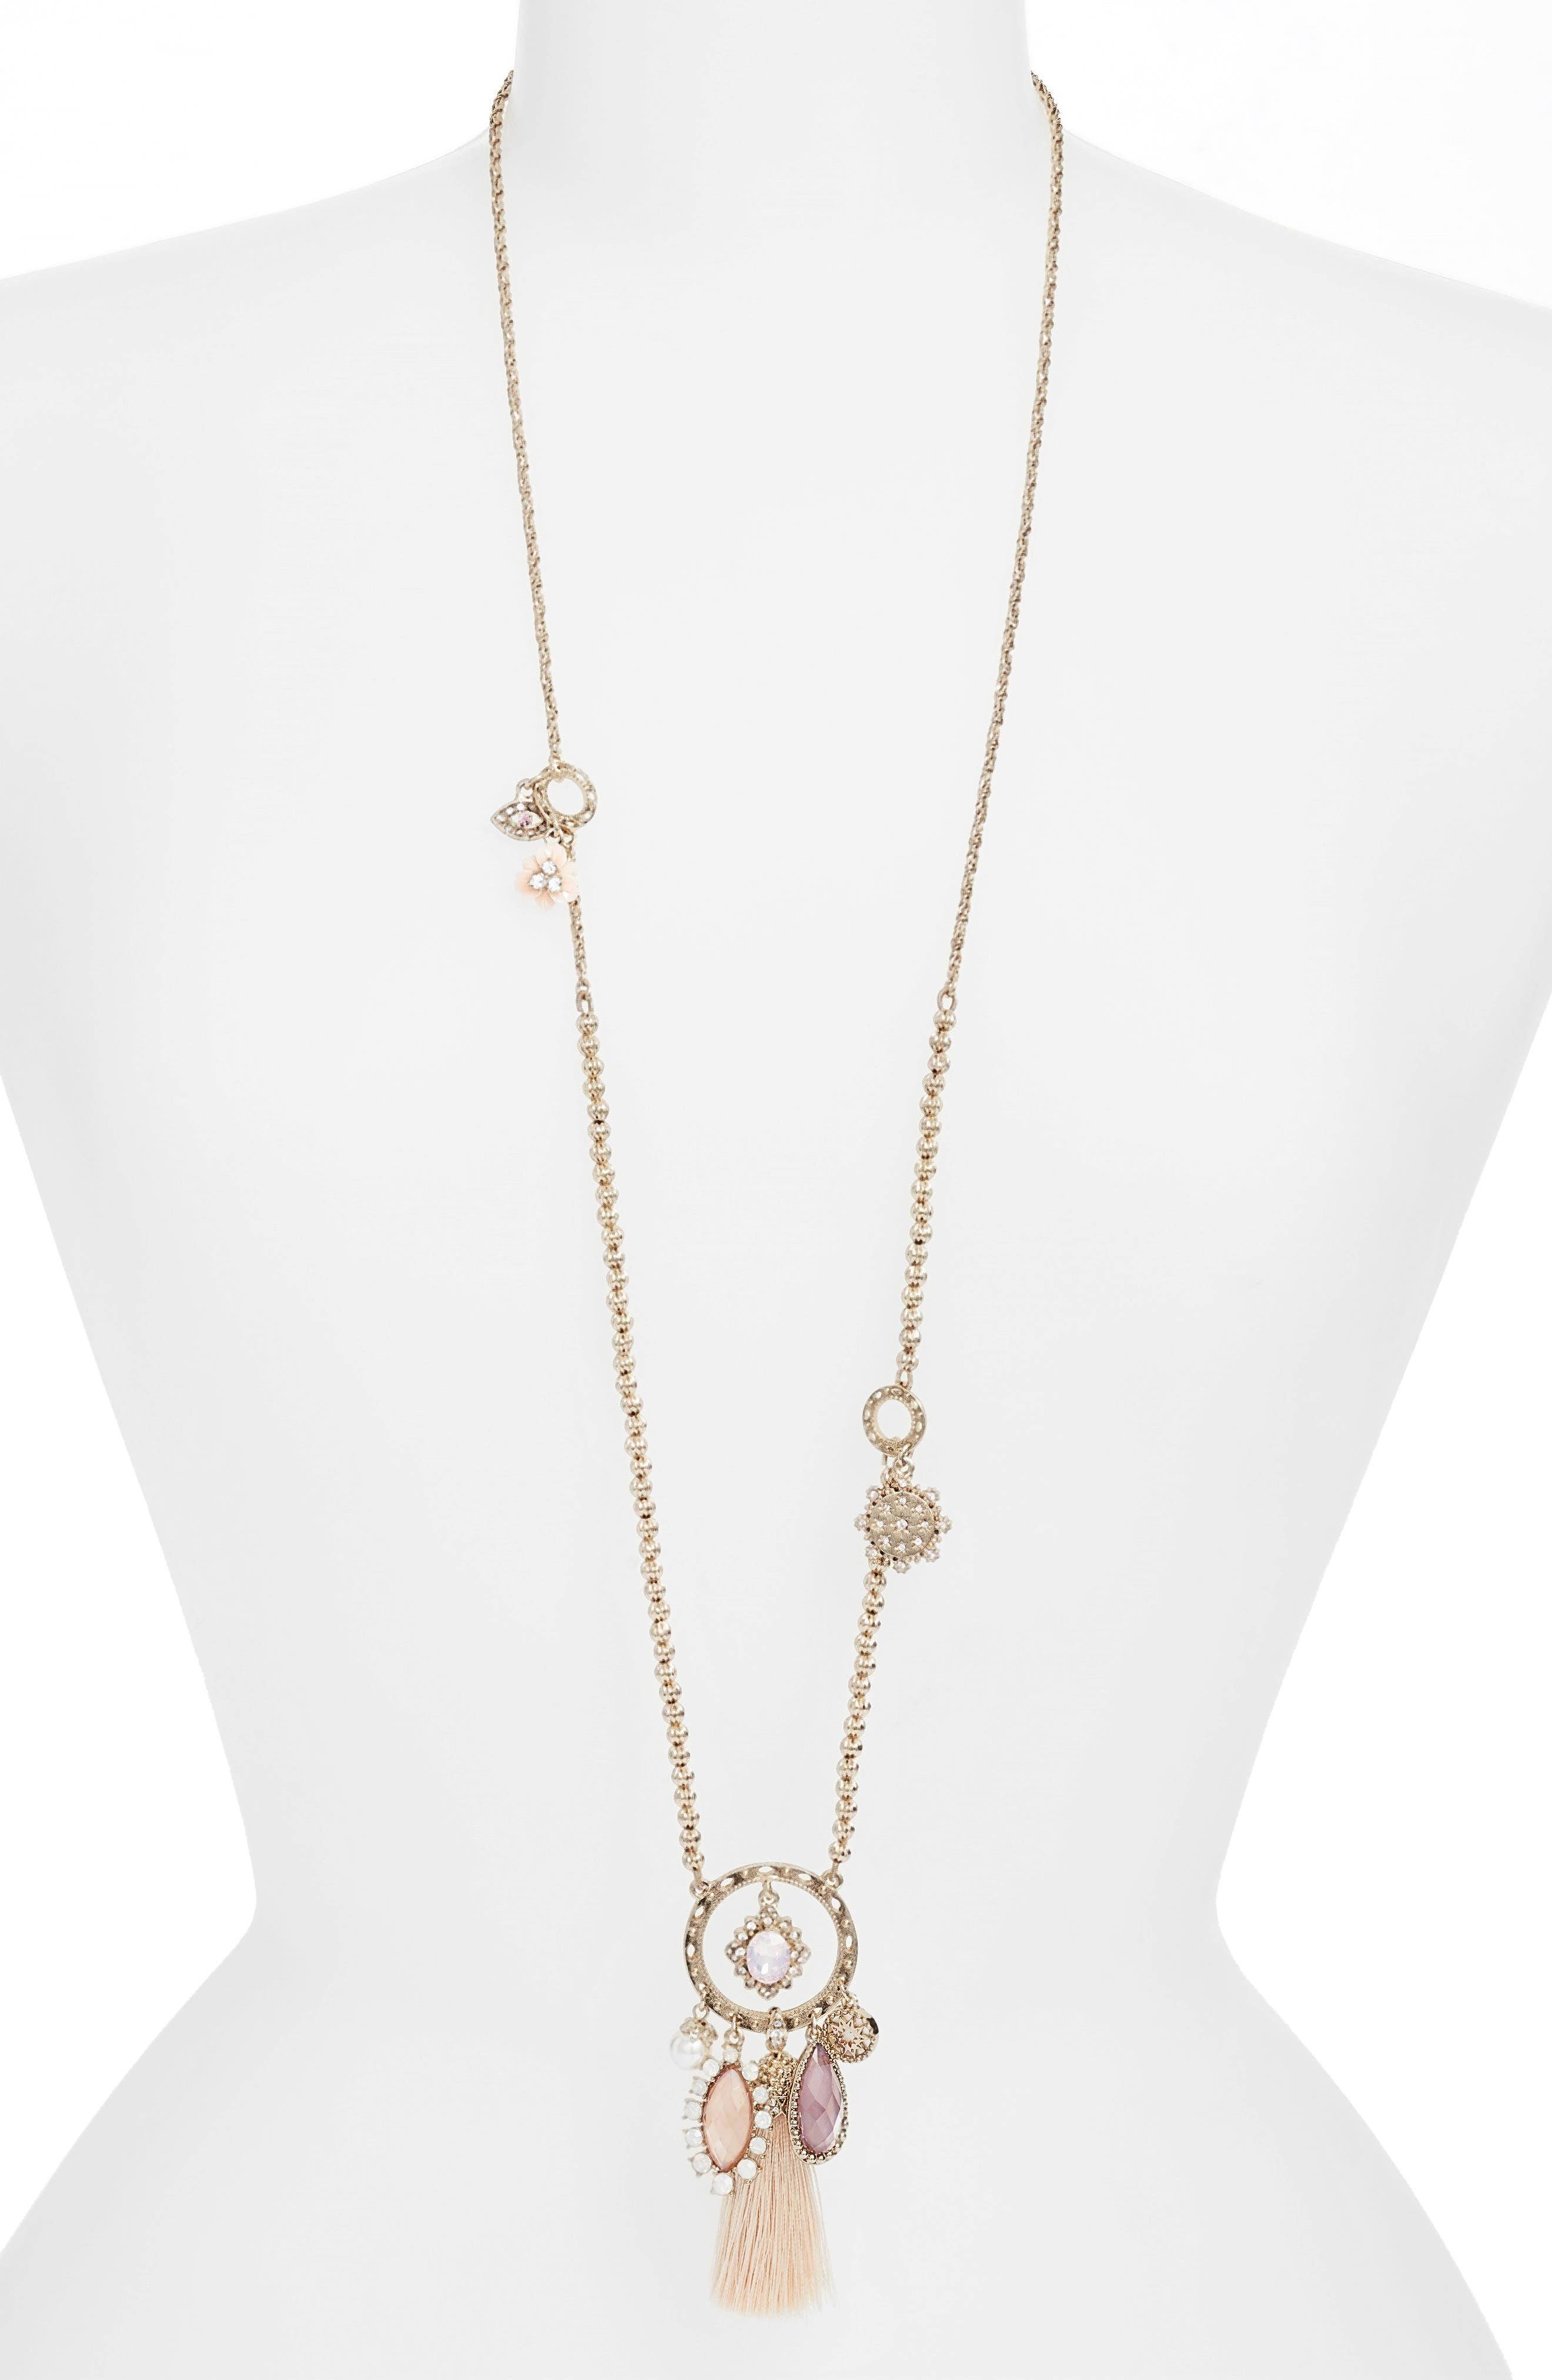 Tassel Pendant Necklace,                             Main thumbnail 1, color,                             Gold/ Blush Multi